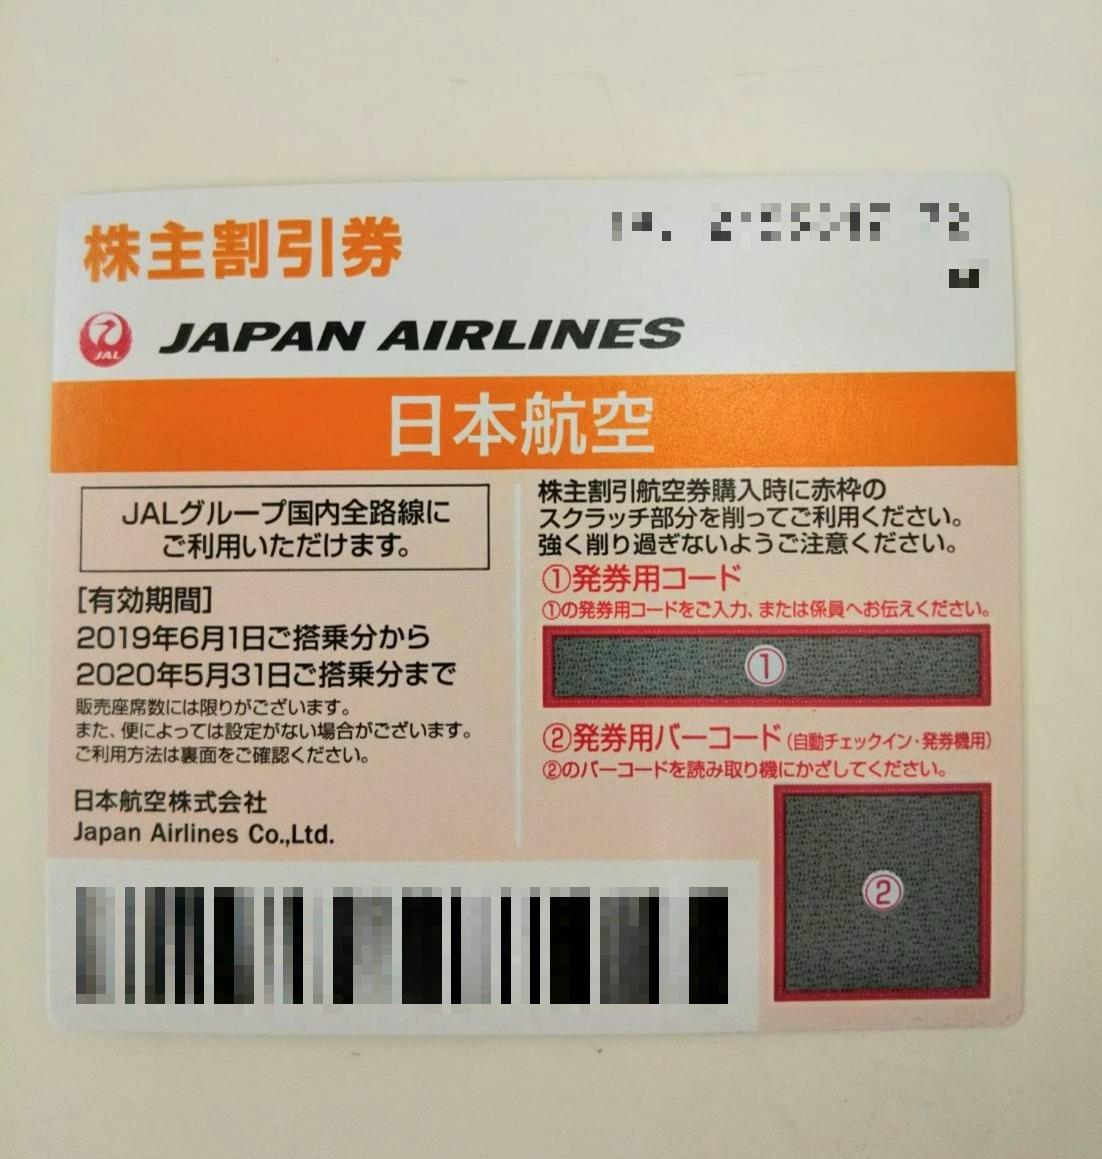 1円~スタート【送料無料】JAL 日本航空株主優待券1枚 最新分 有効期限:2020年5月31日迄【新品、未使用品A】